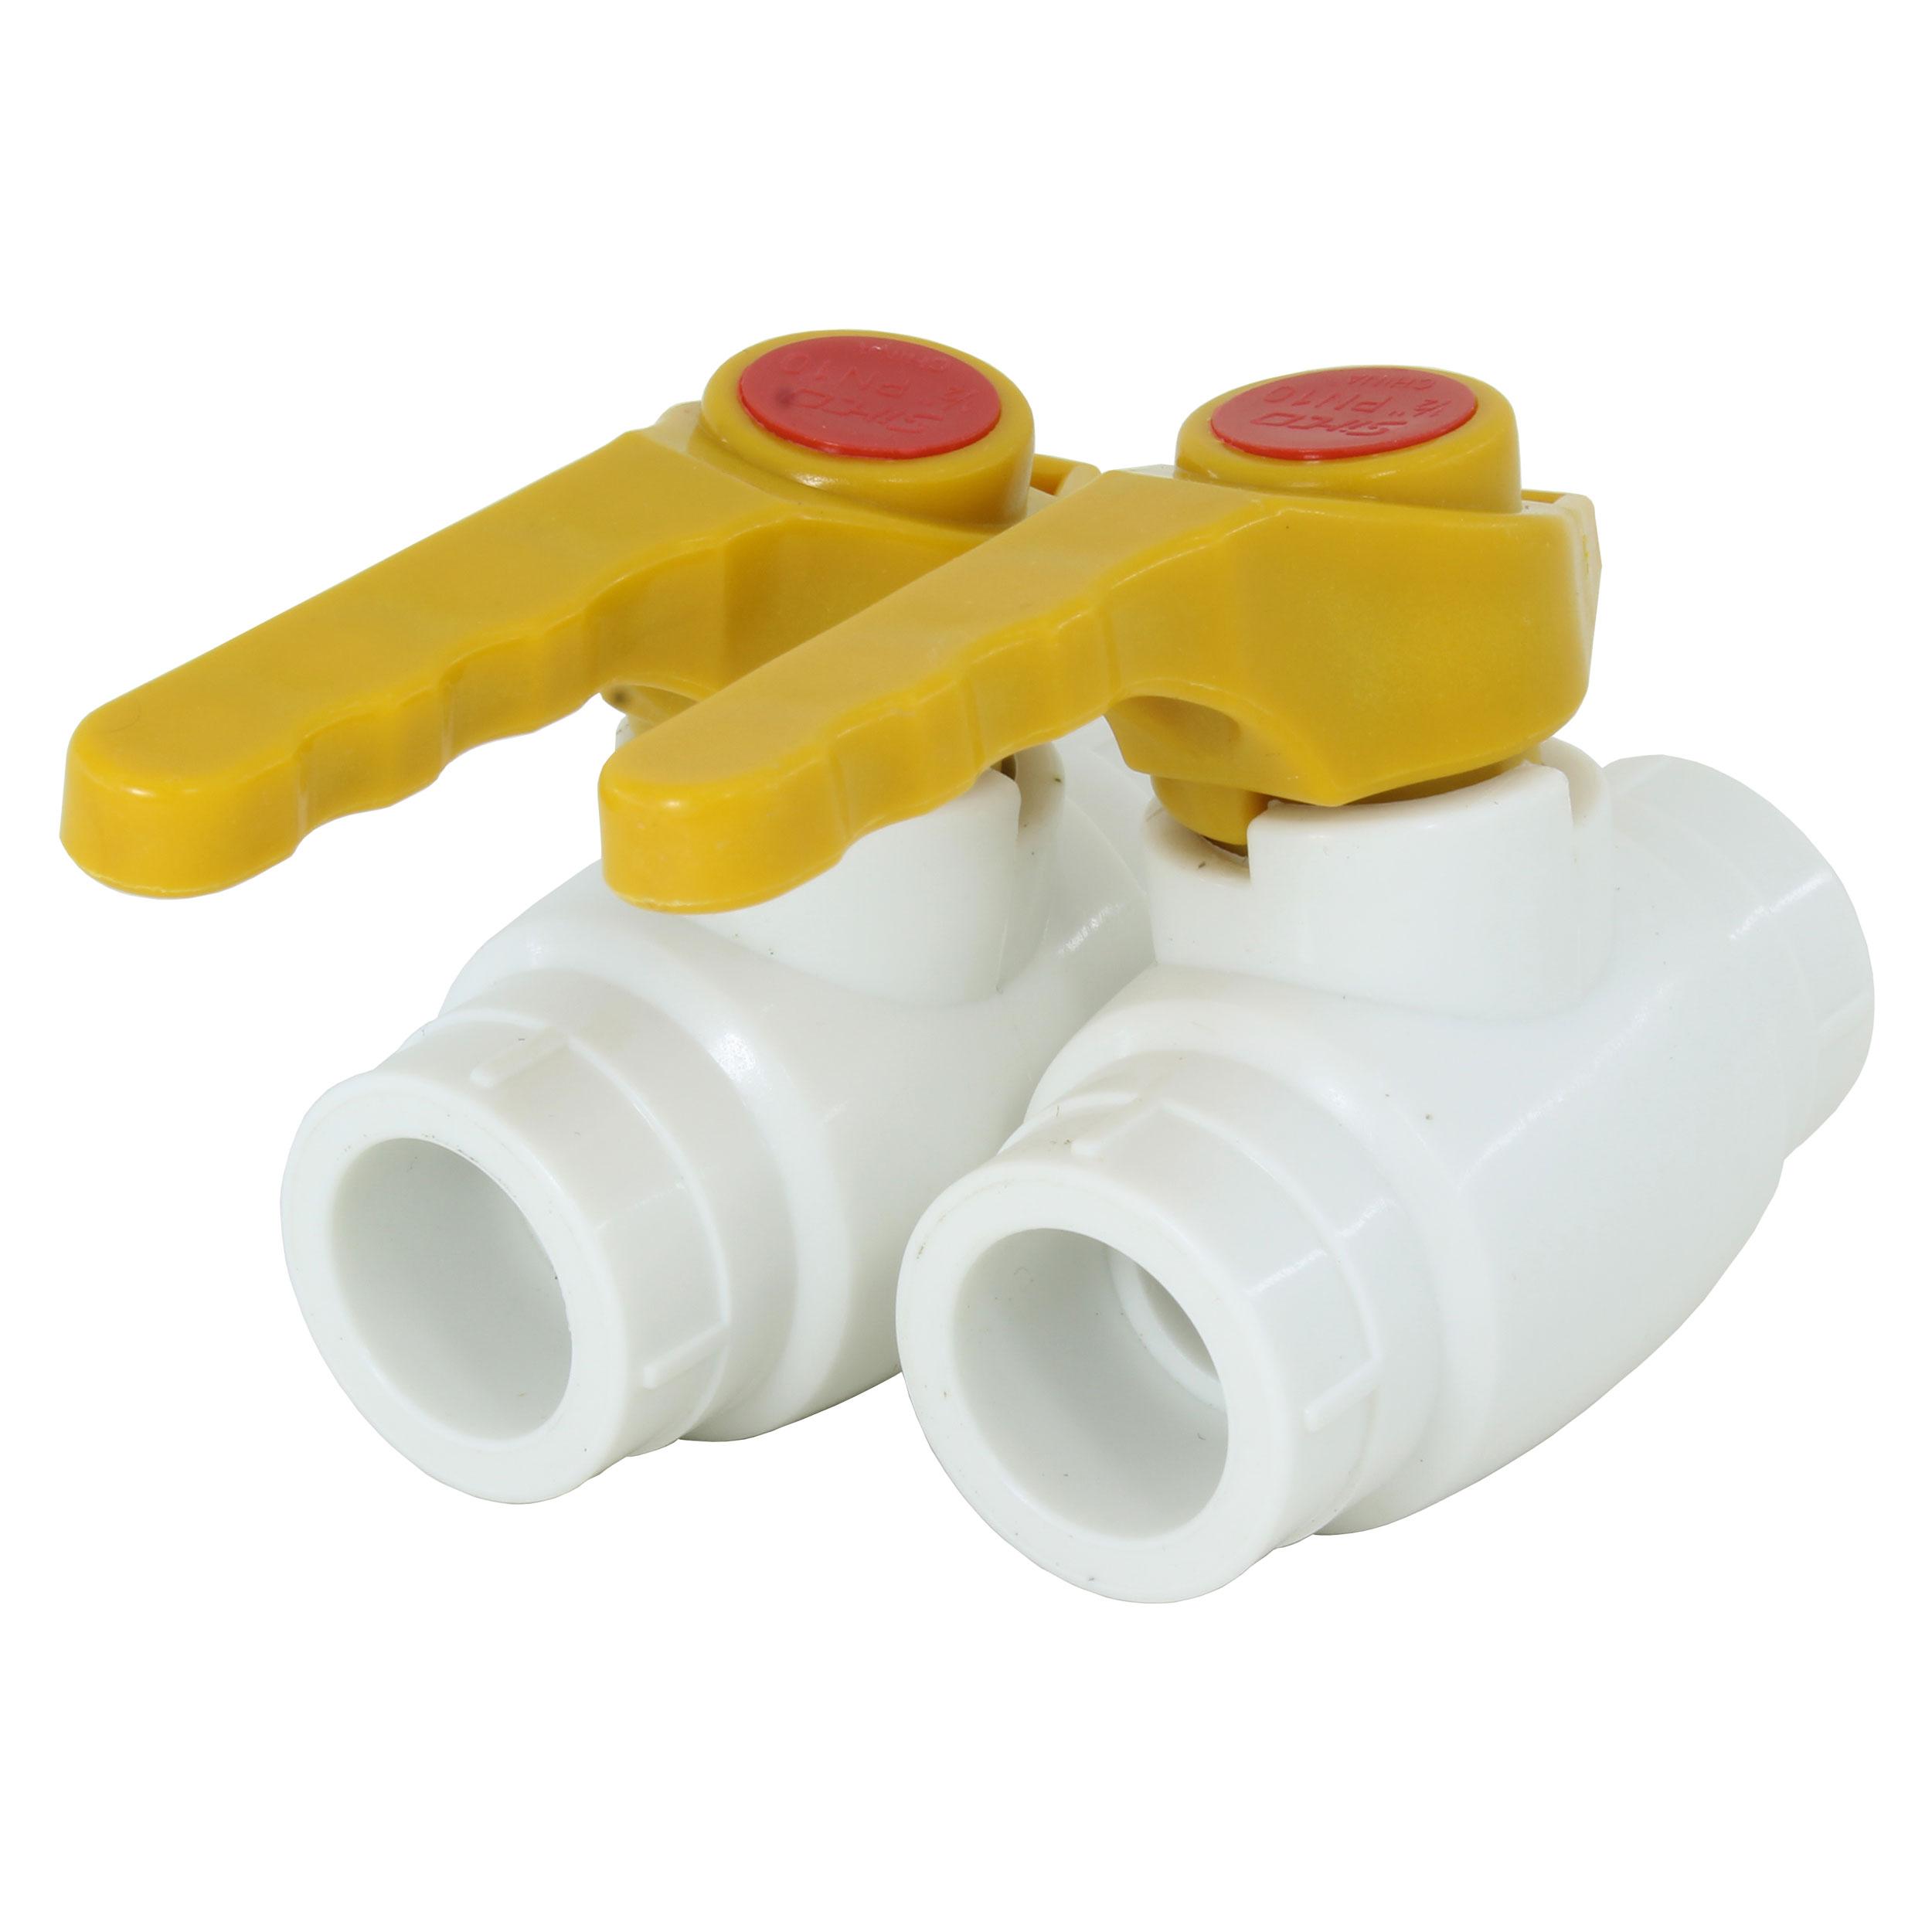 شیر گاز سیتکو مدل DN-9902006 بسته 2 عددی              ( قیمت عمده )